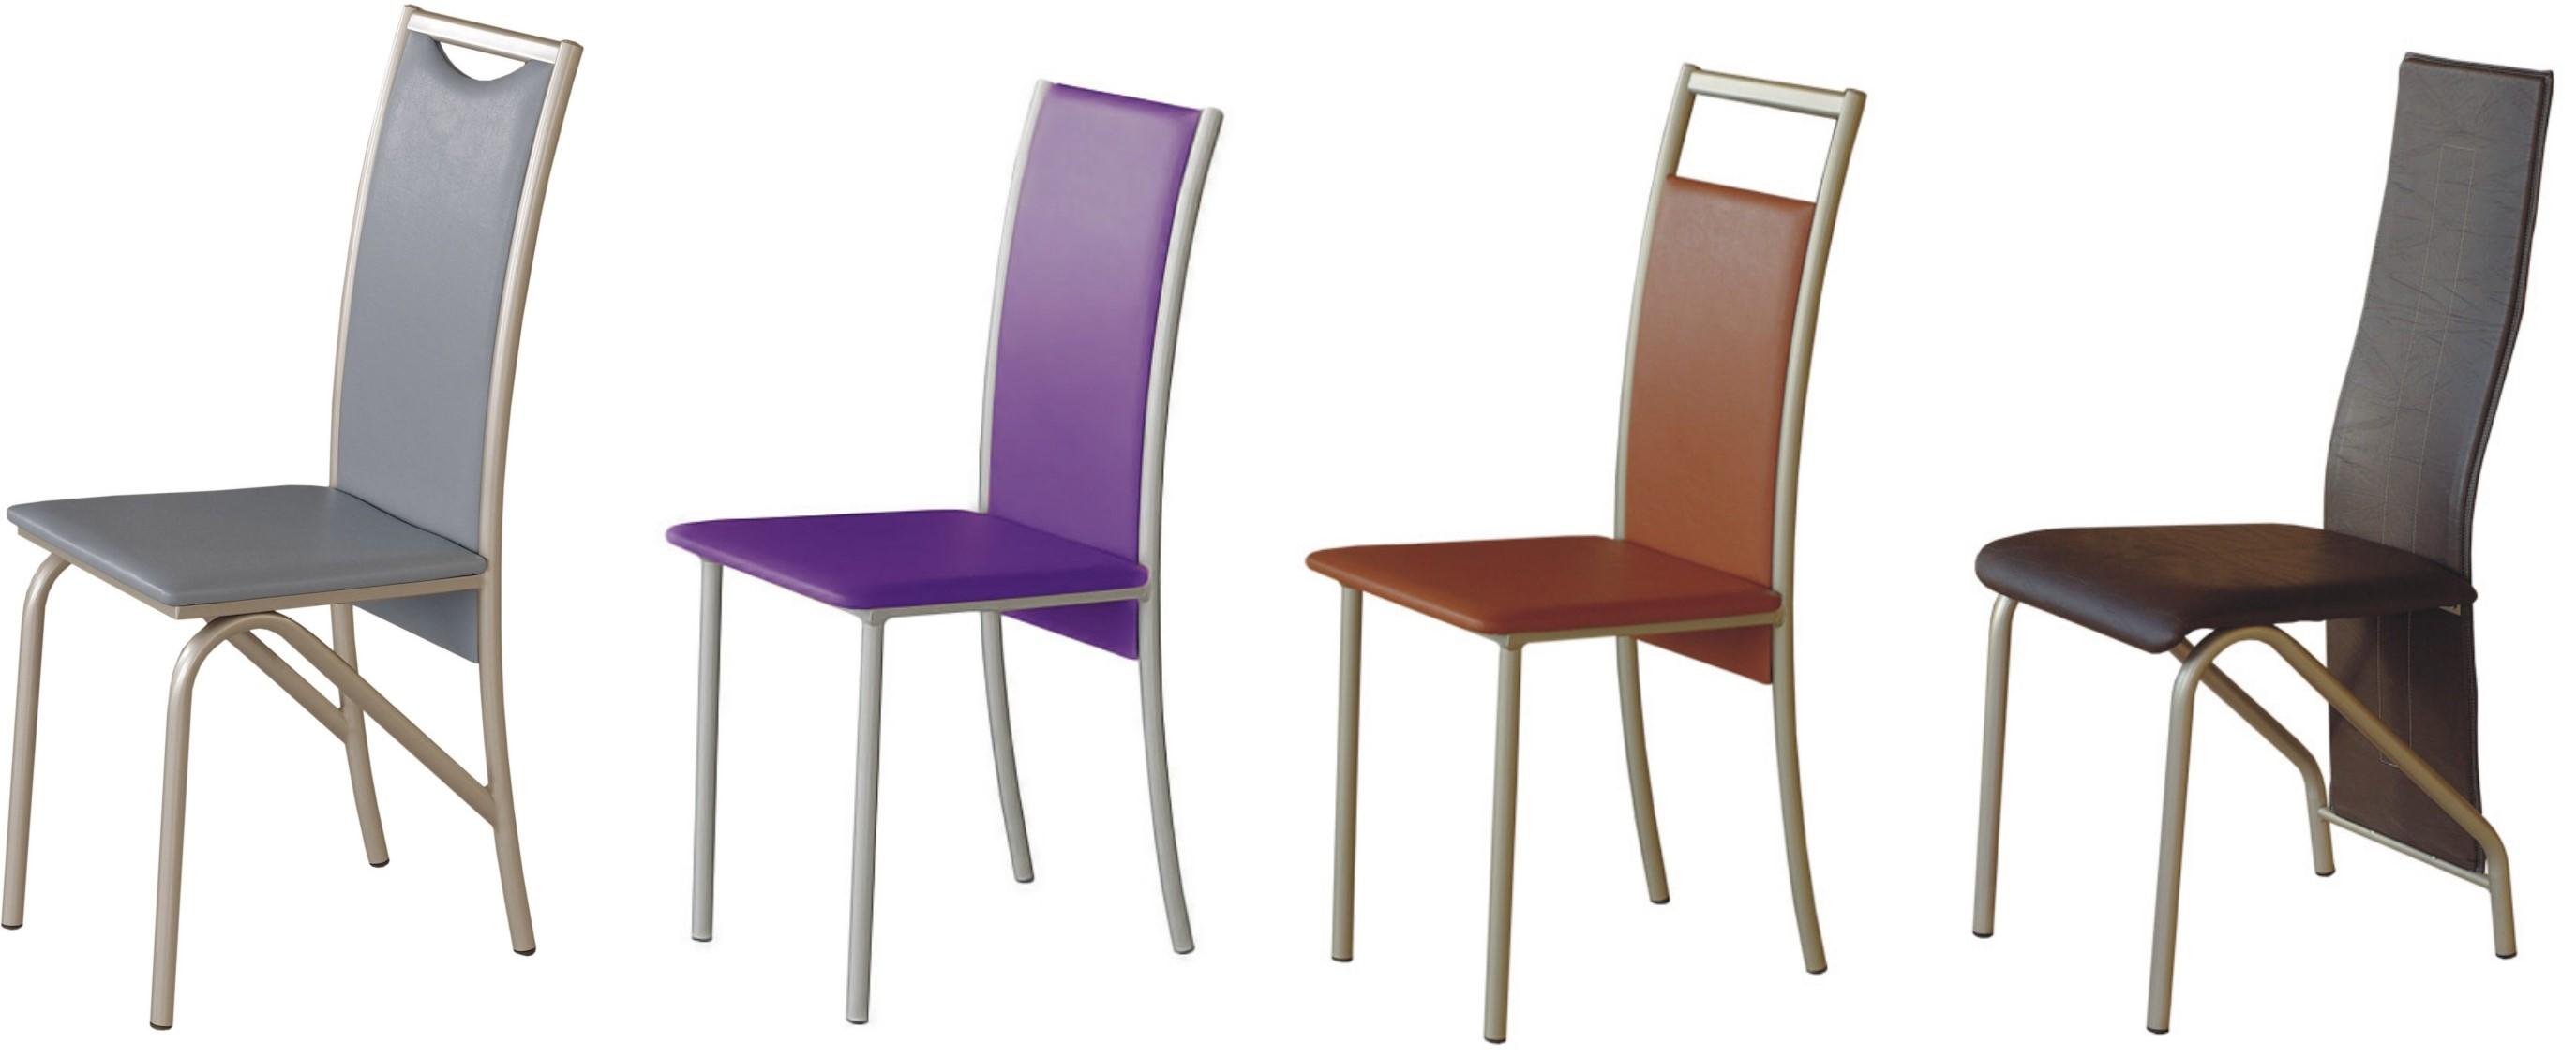 Krzesła Metalowe Solidne Wykonanie Wrocław